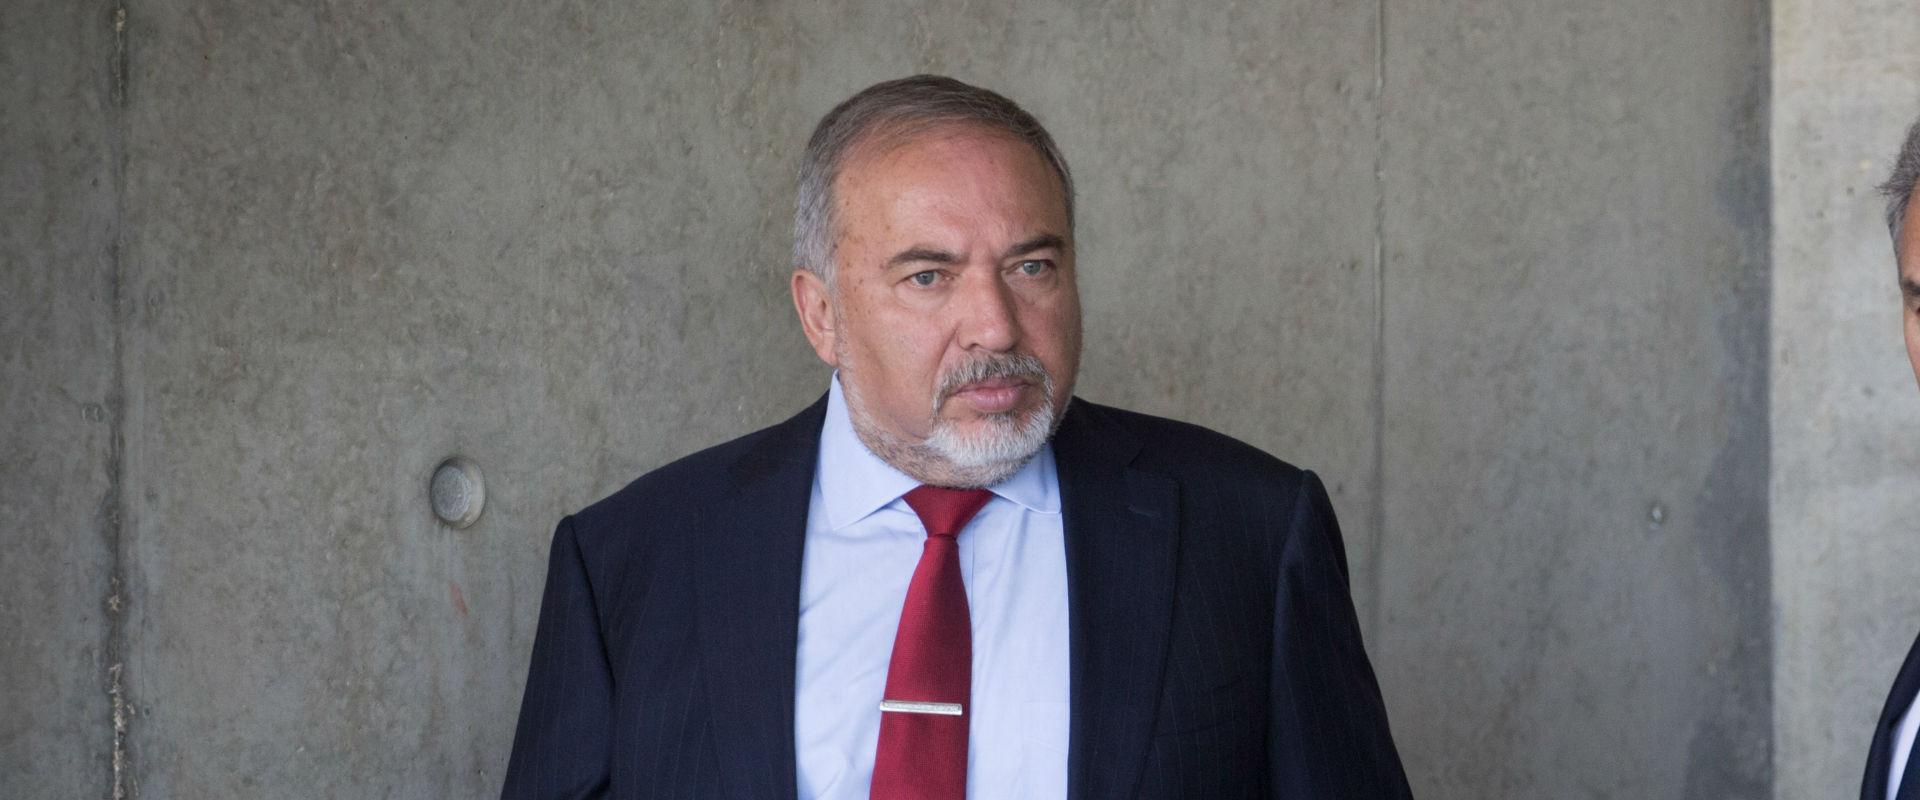 שר הביטחון אביגדור ליברמן, היום